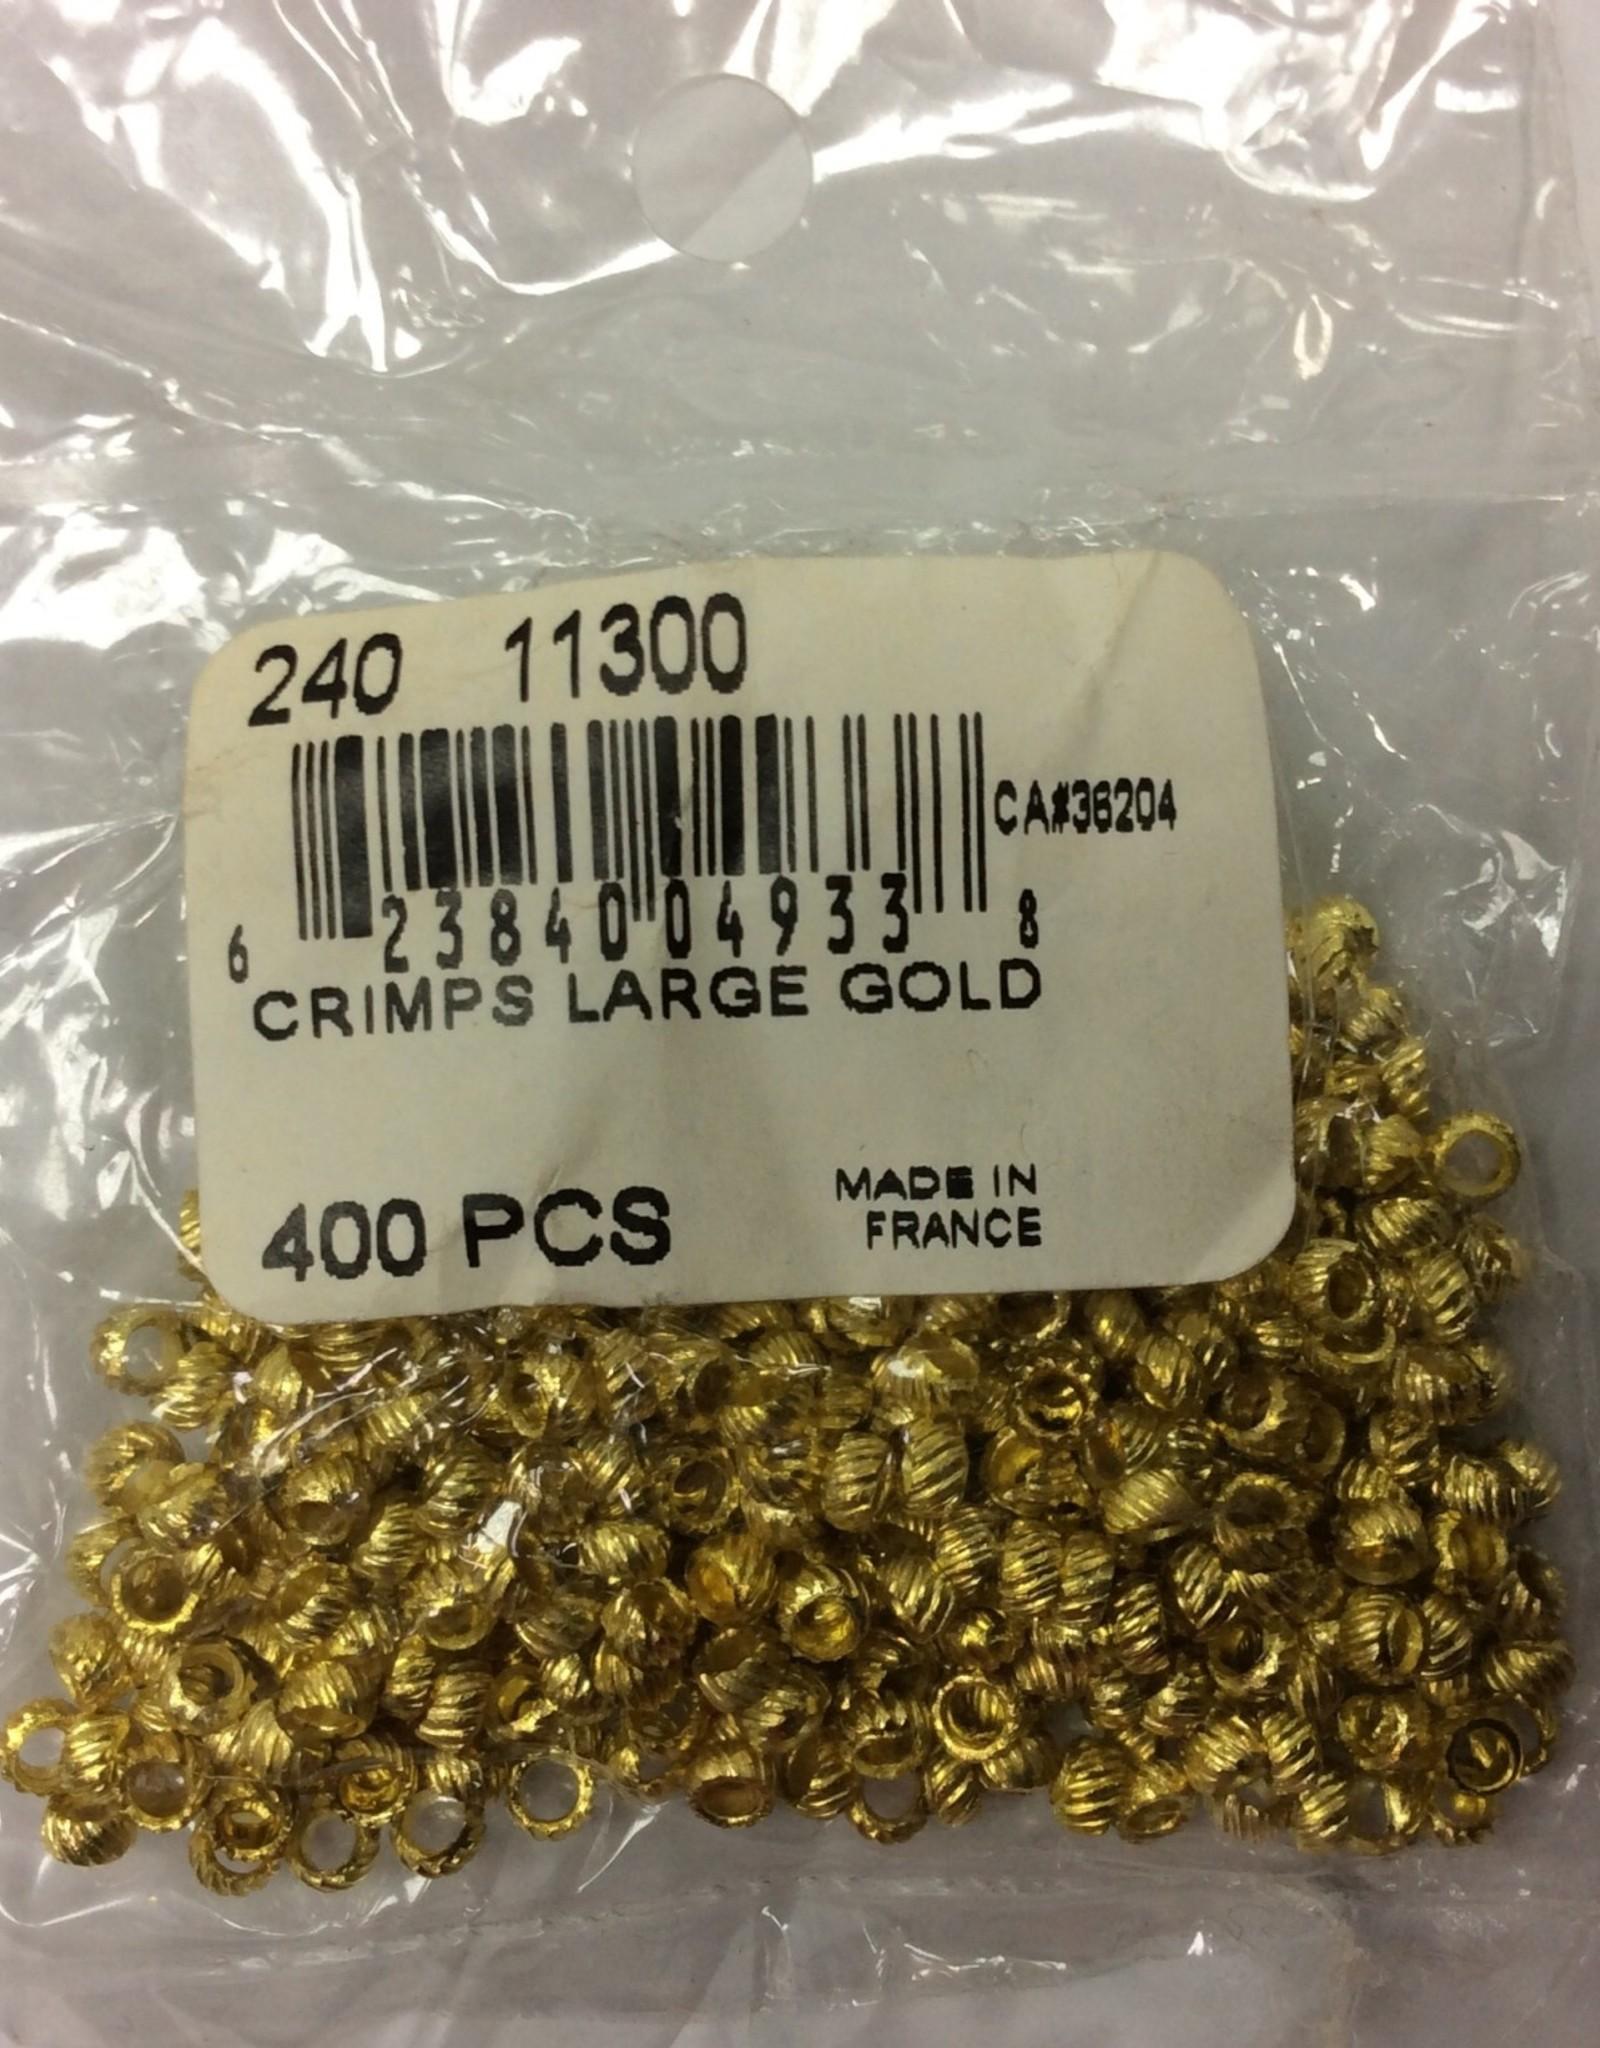 Crimps Large Gold (400pcs)